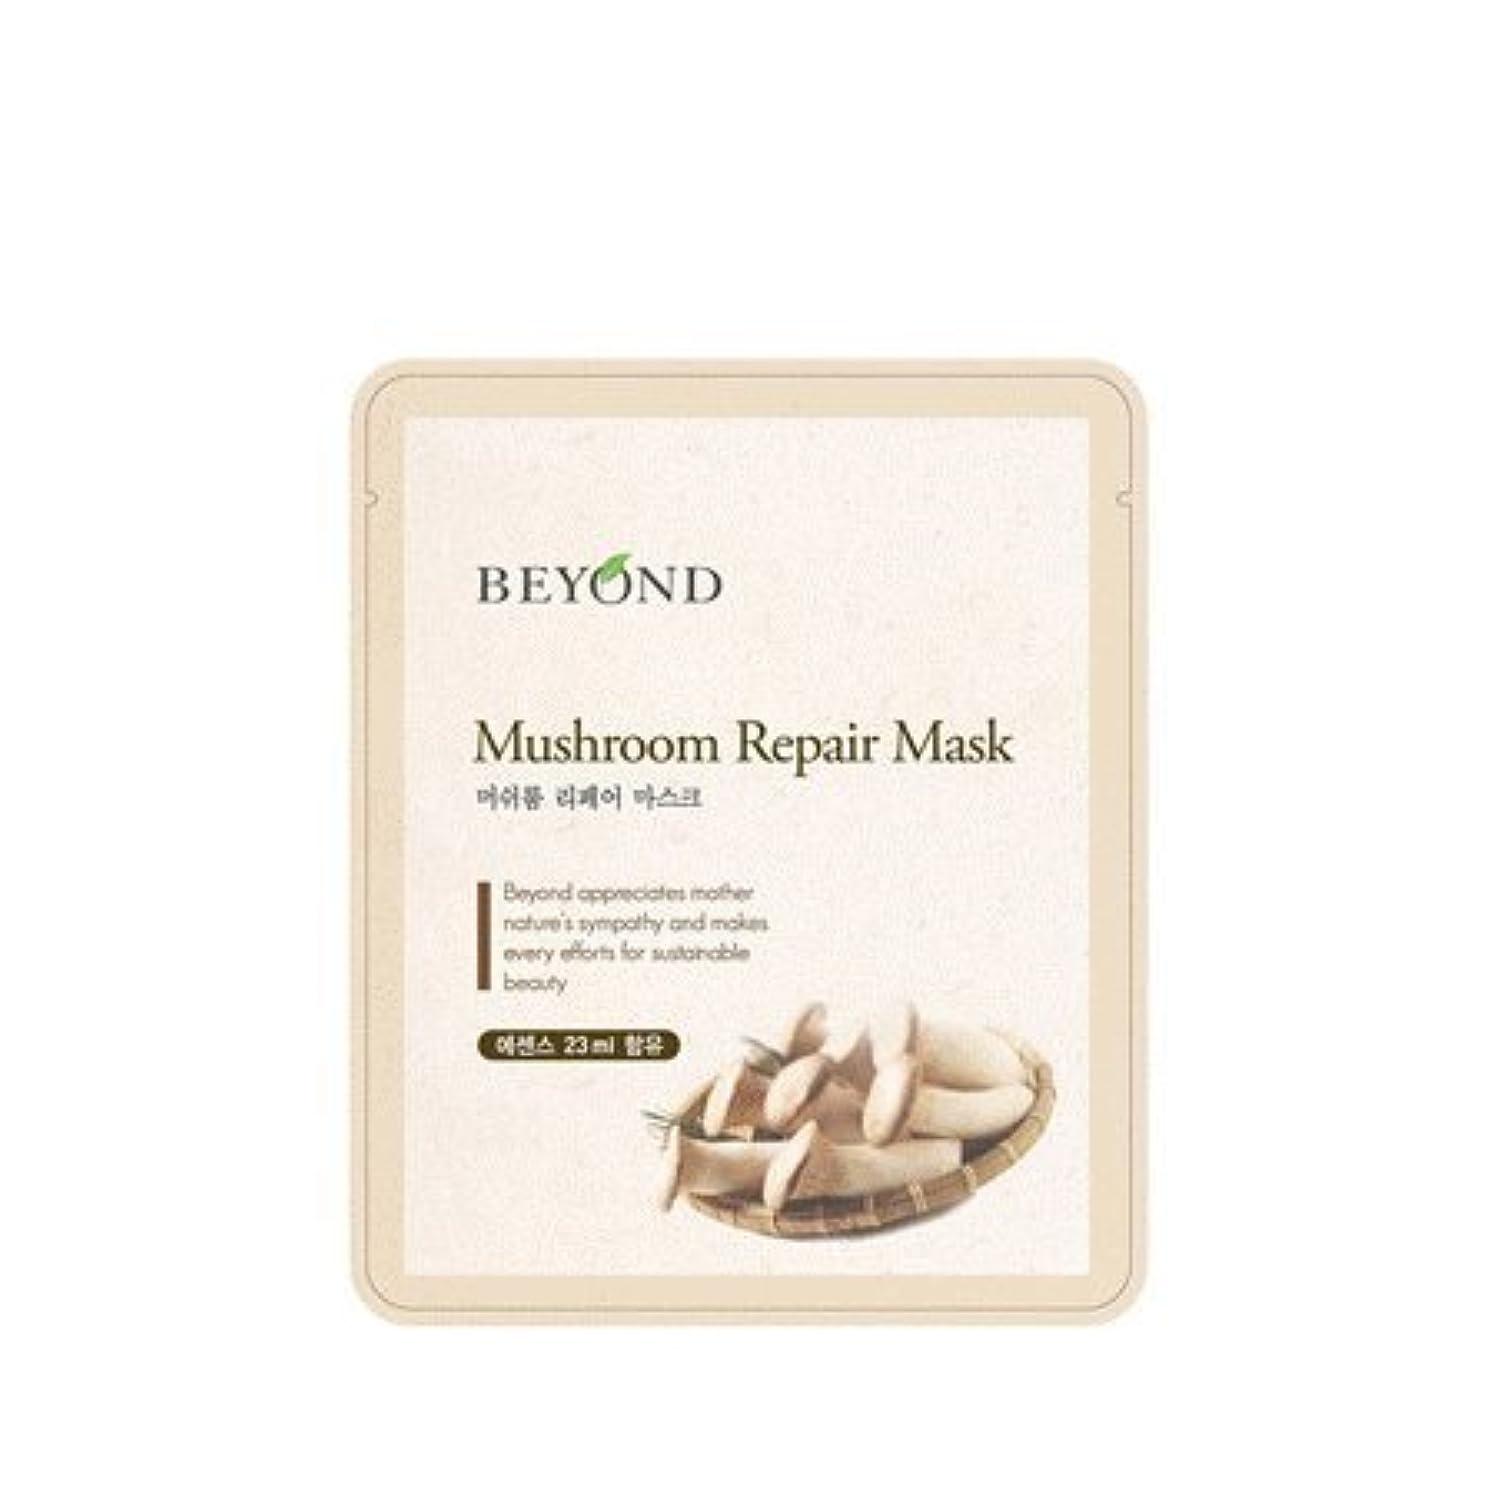 サイトライン夜明けに関税Beyond mask sheet 5ea (Mushroom Repair Mask)